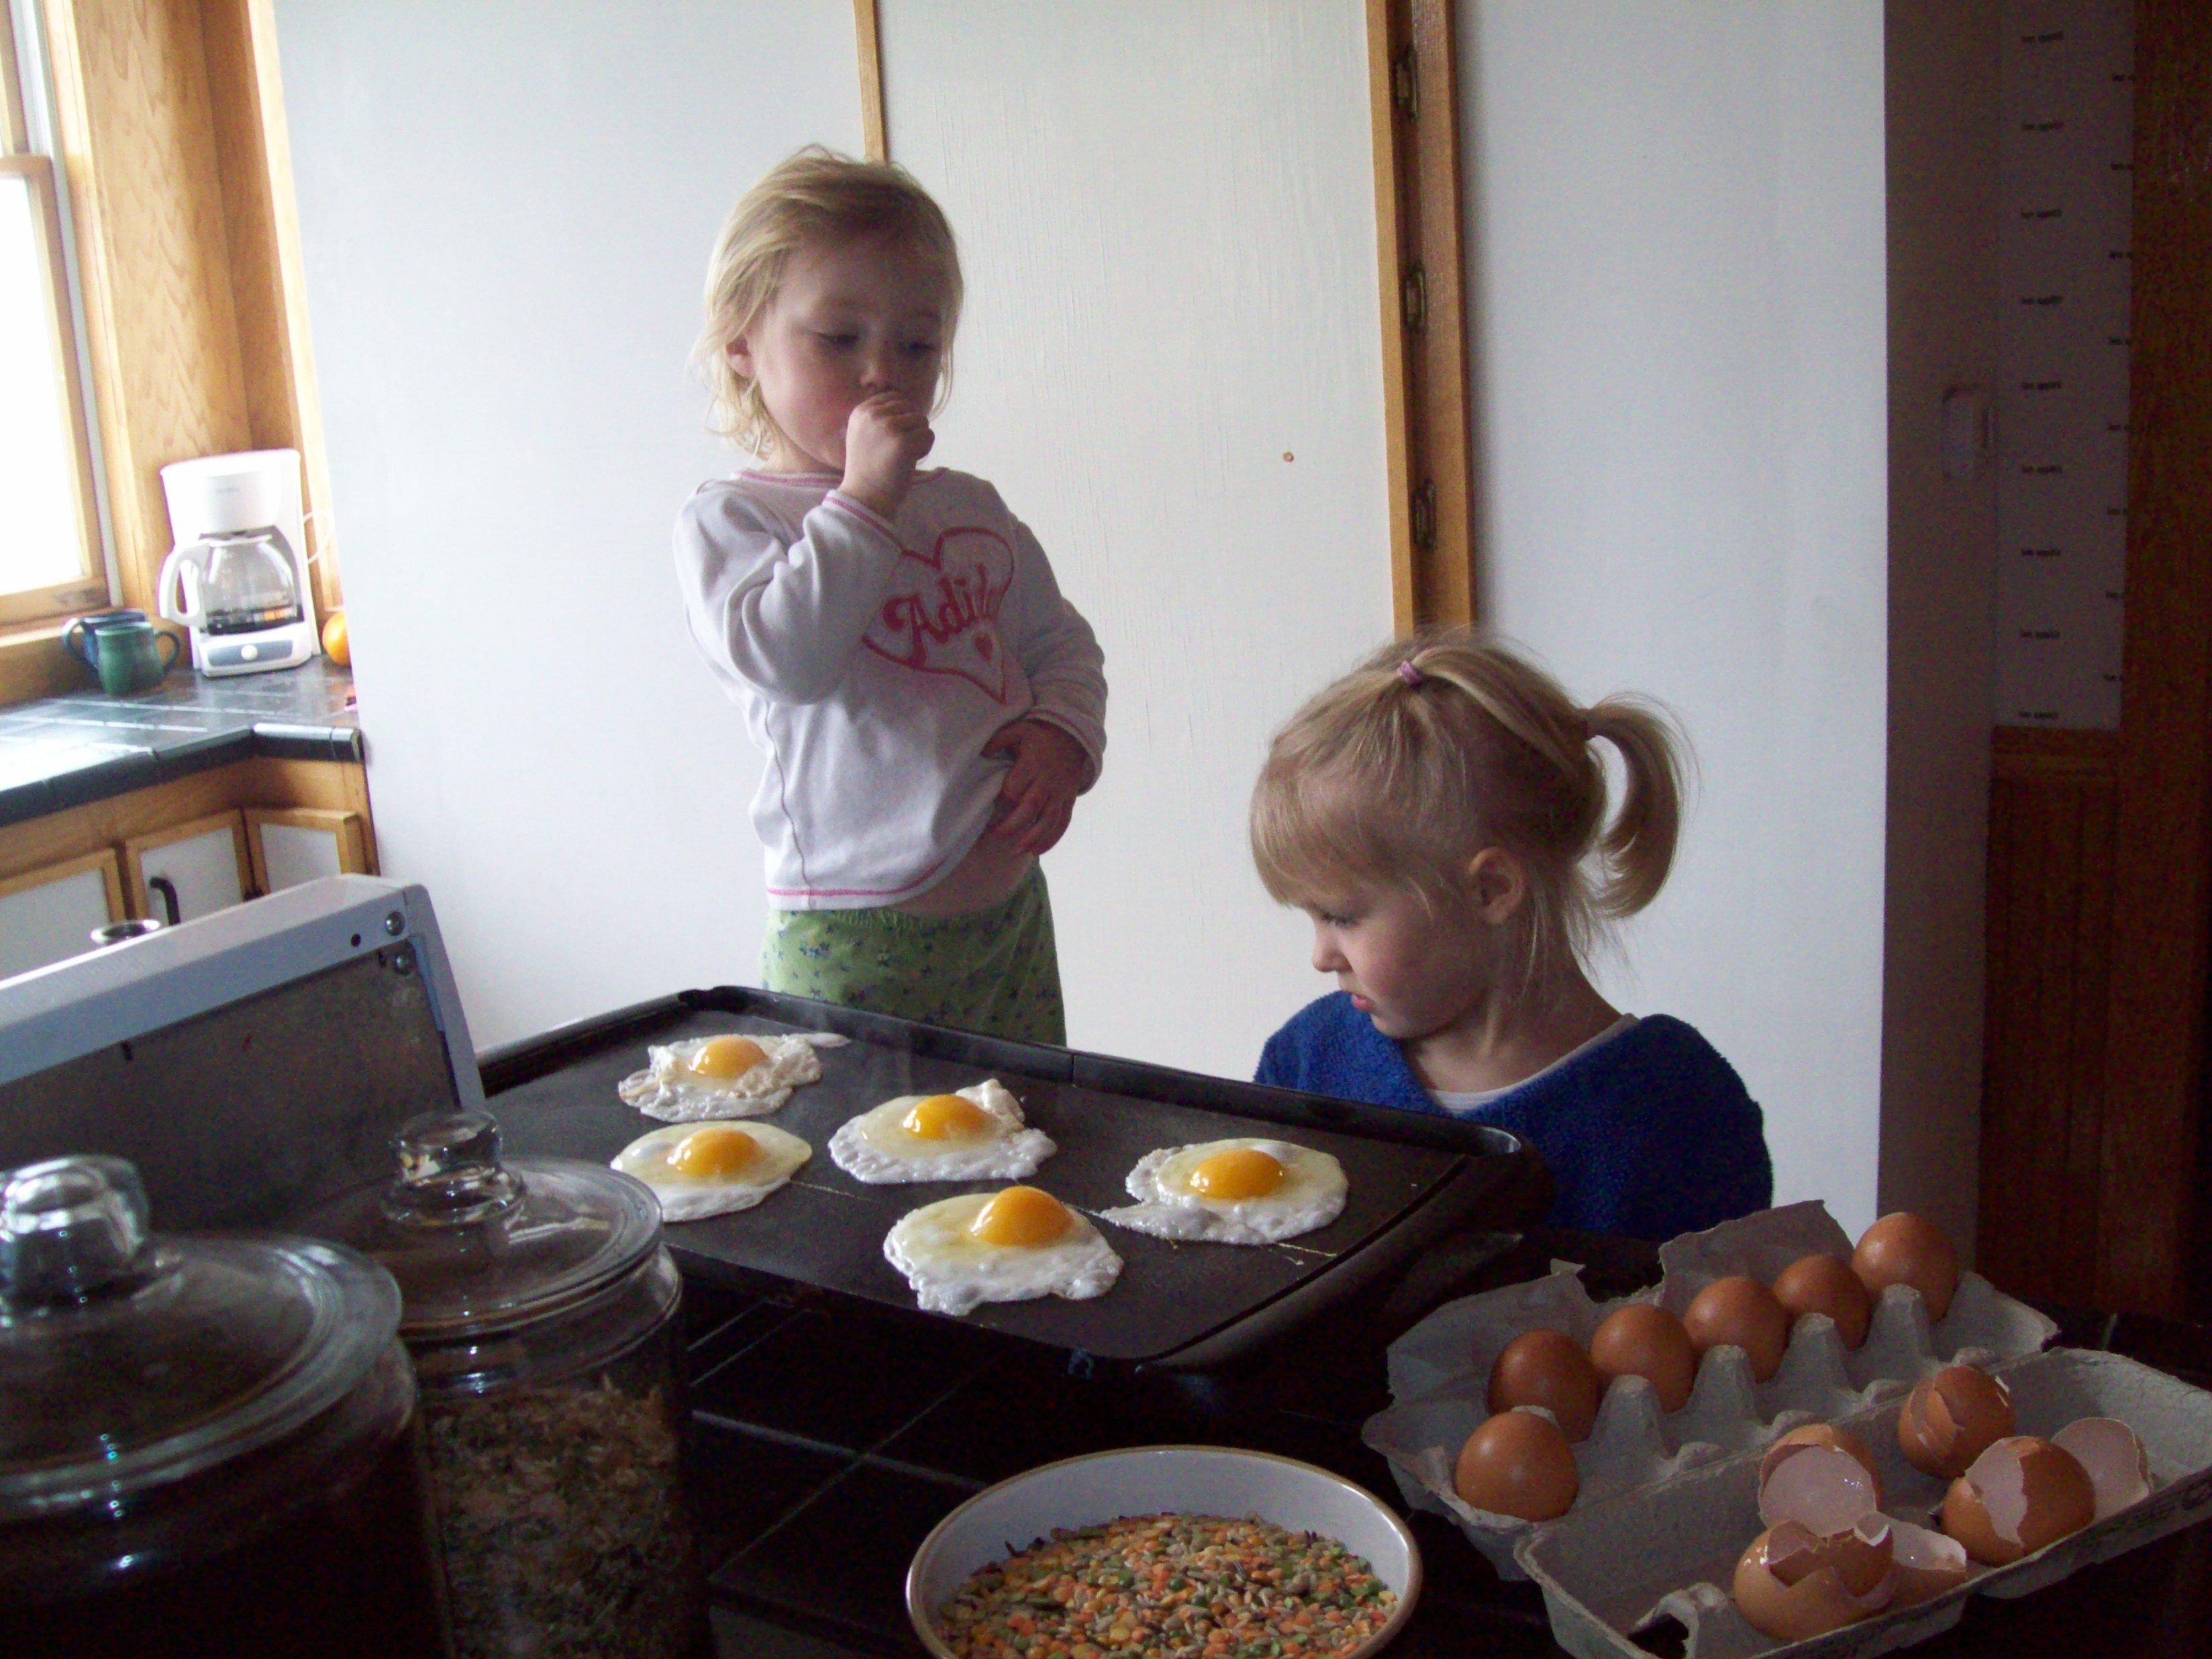 Lunch - Eggs & Oranges